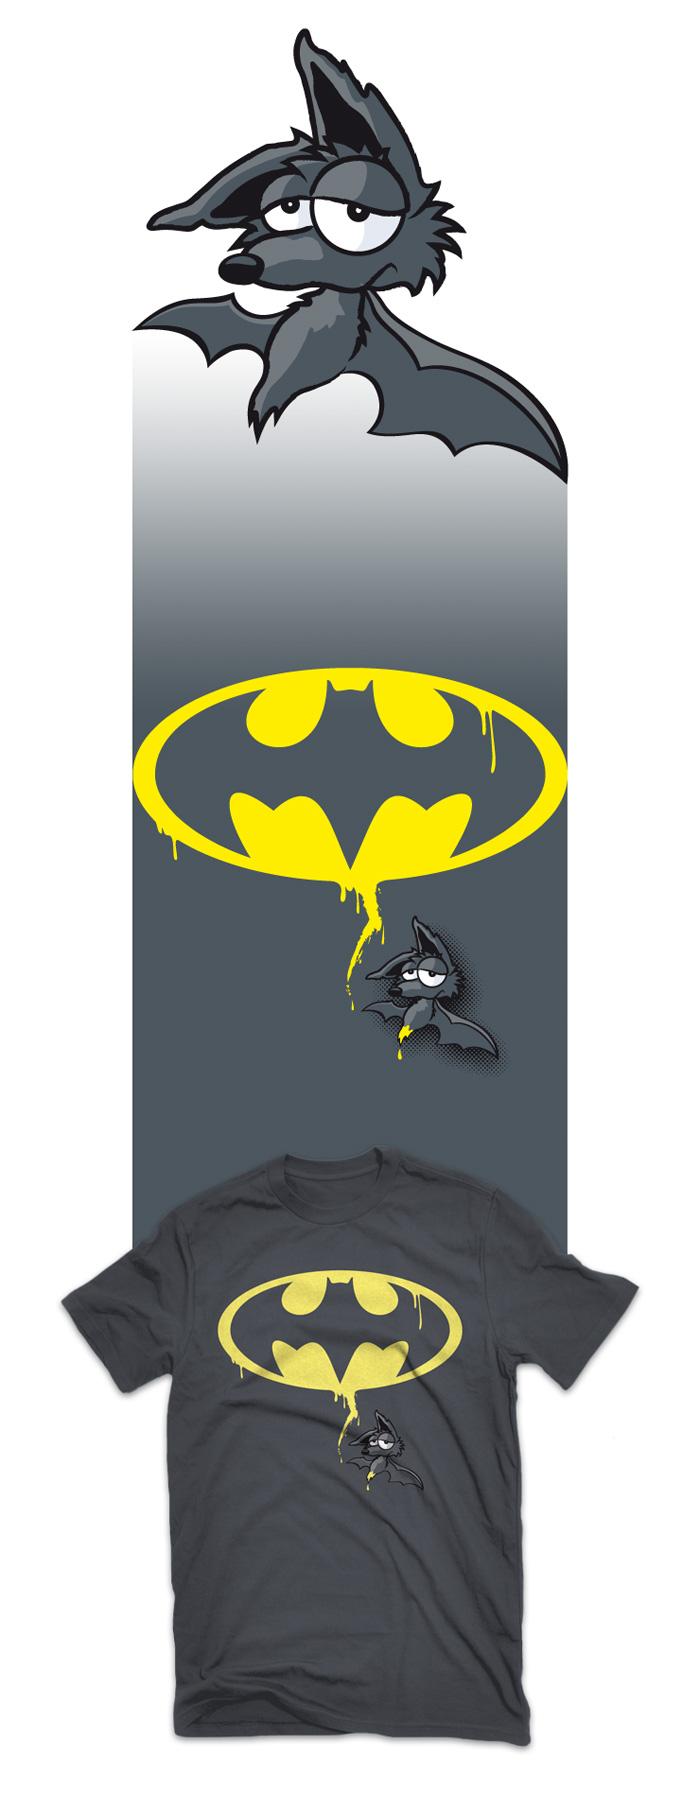 Visuel t-shirt Bad Sauve-Souris